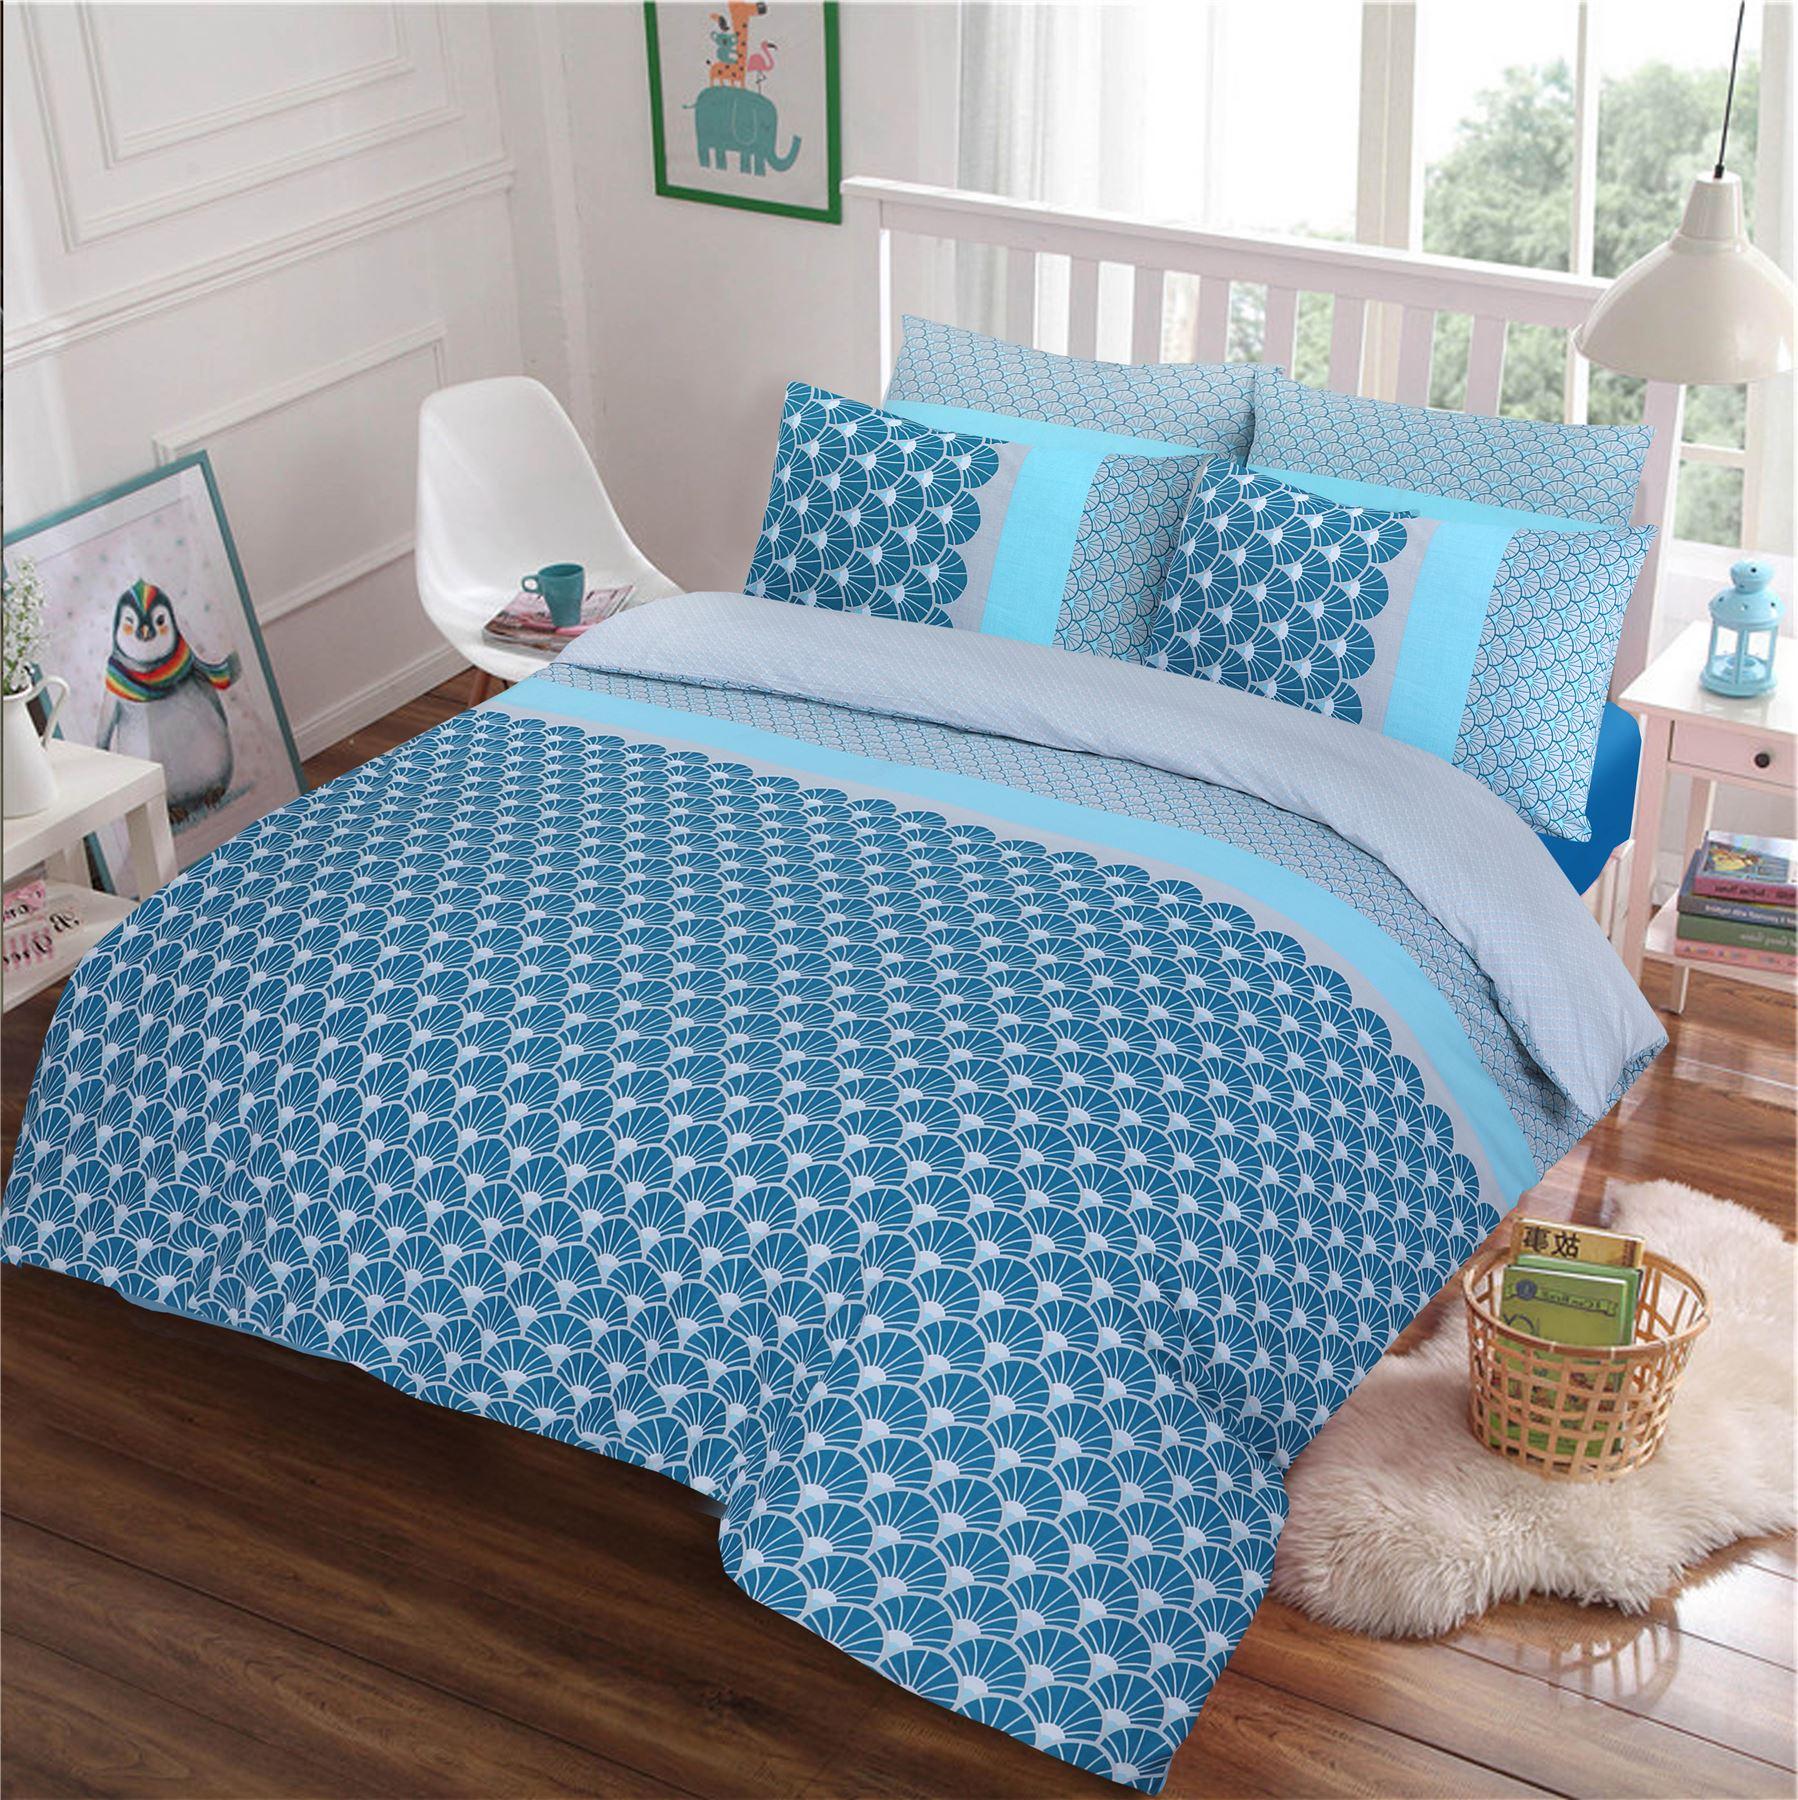 Azure 100/% Cotton Cosy Blue Duvet Cover Bedding Set Single Double King Size